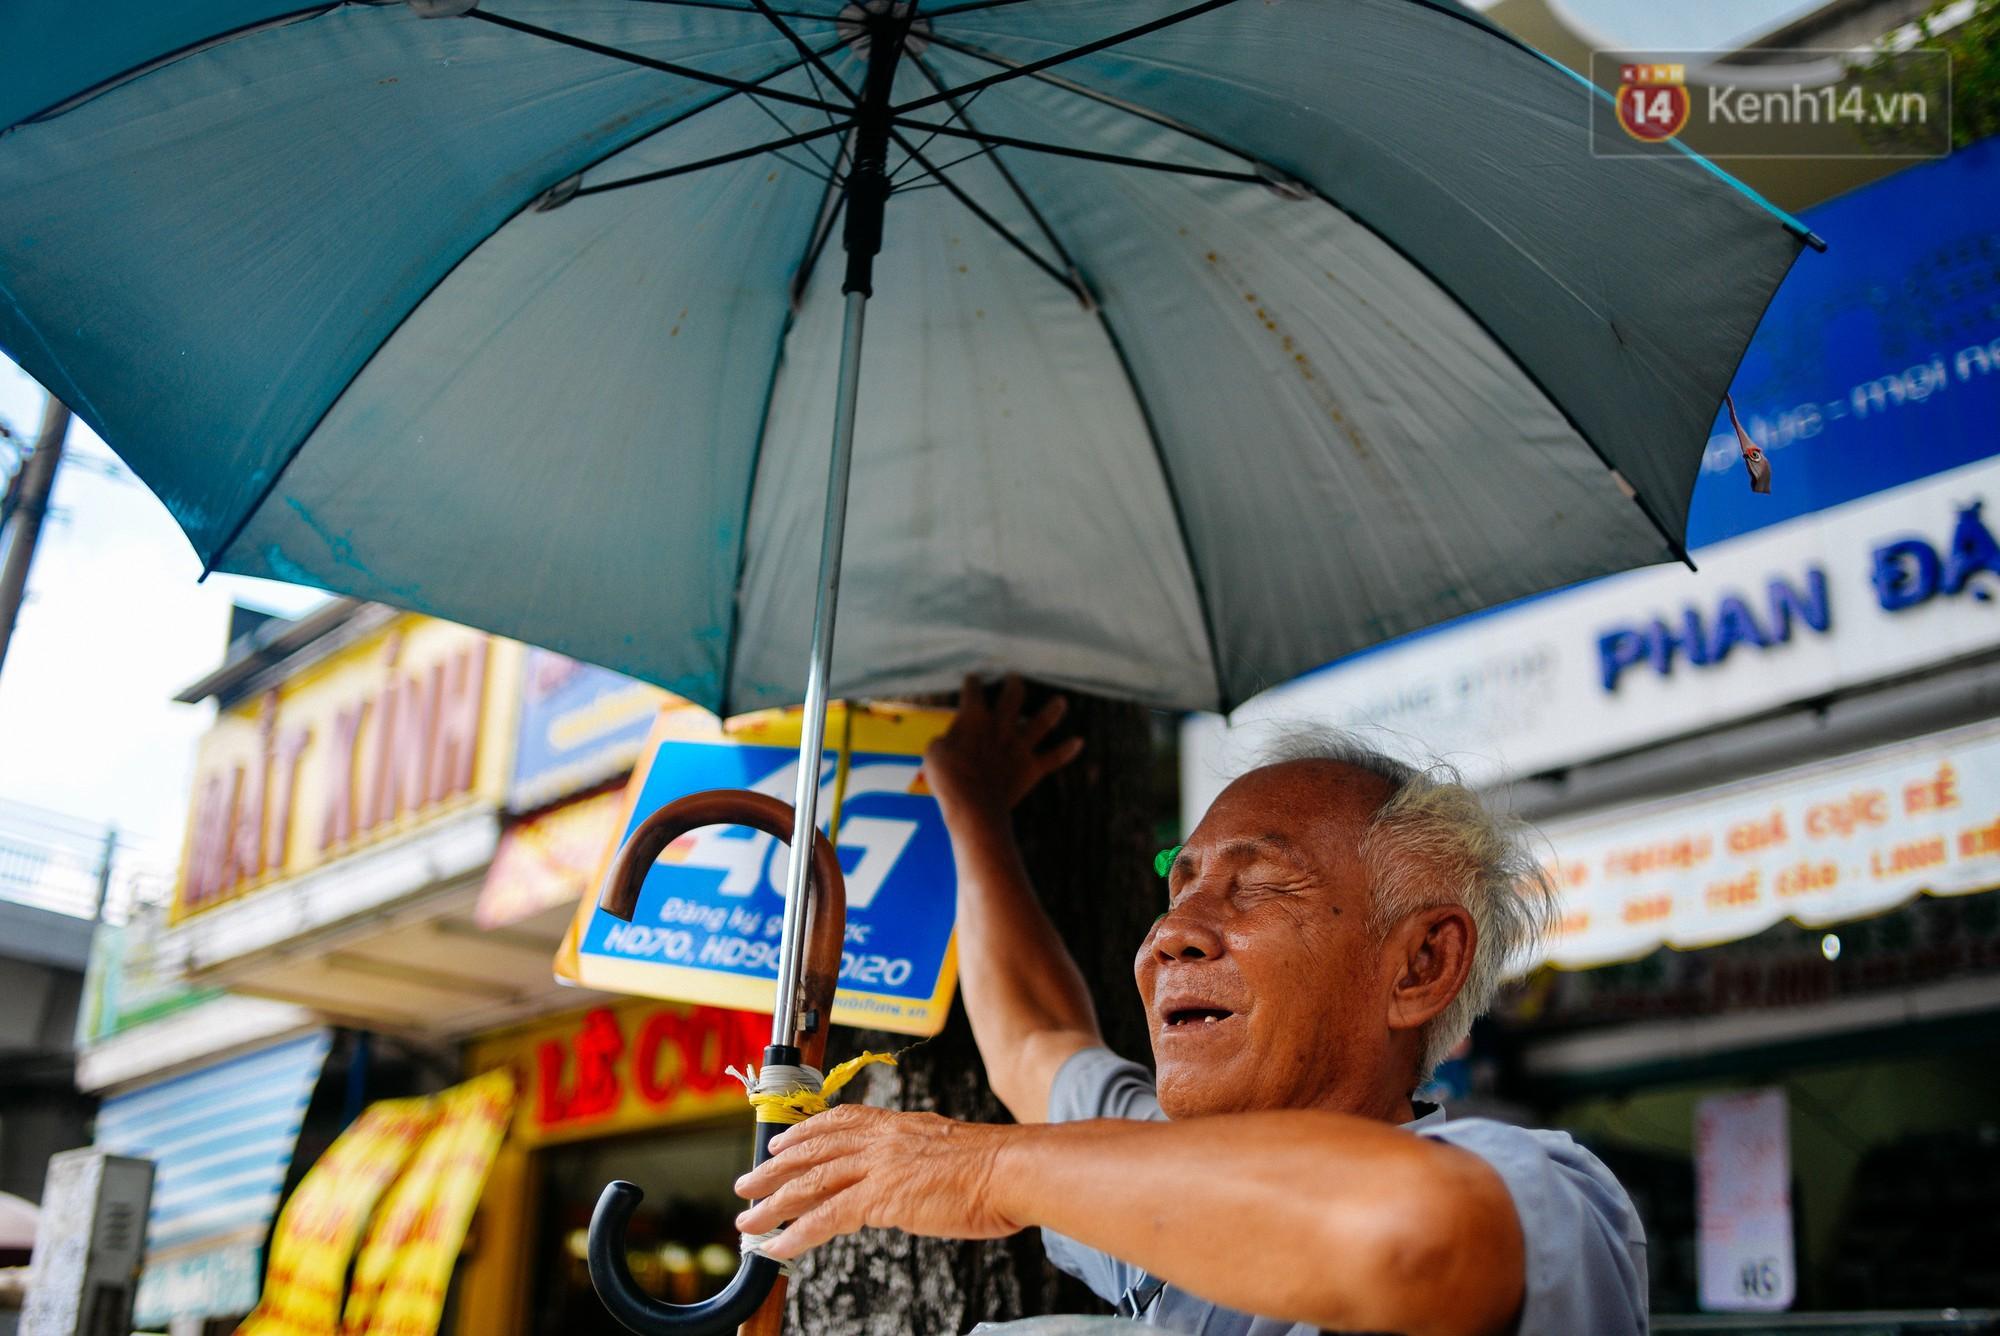 Mắt không nhìn thấy nên ông Quang đặt hoàn toàn niềm tin vào sự thật thà của khách mua bánh.